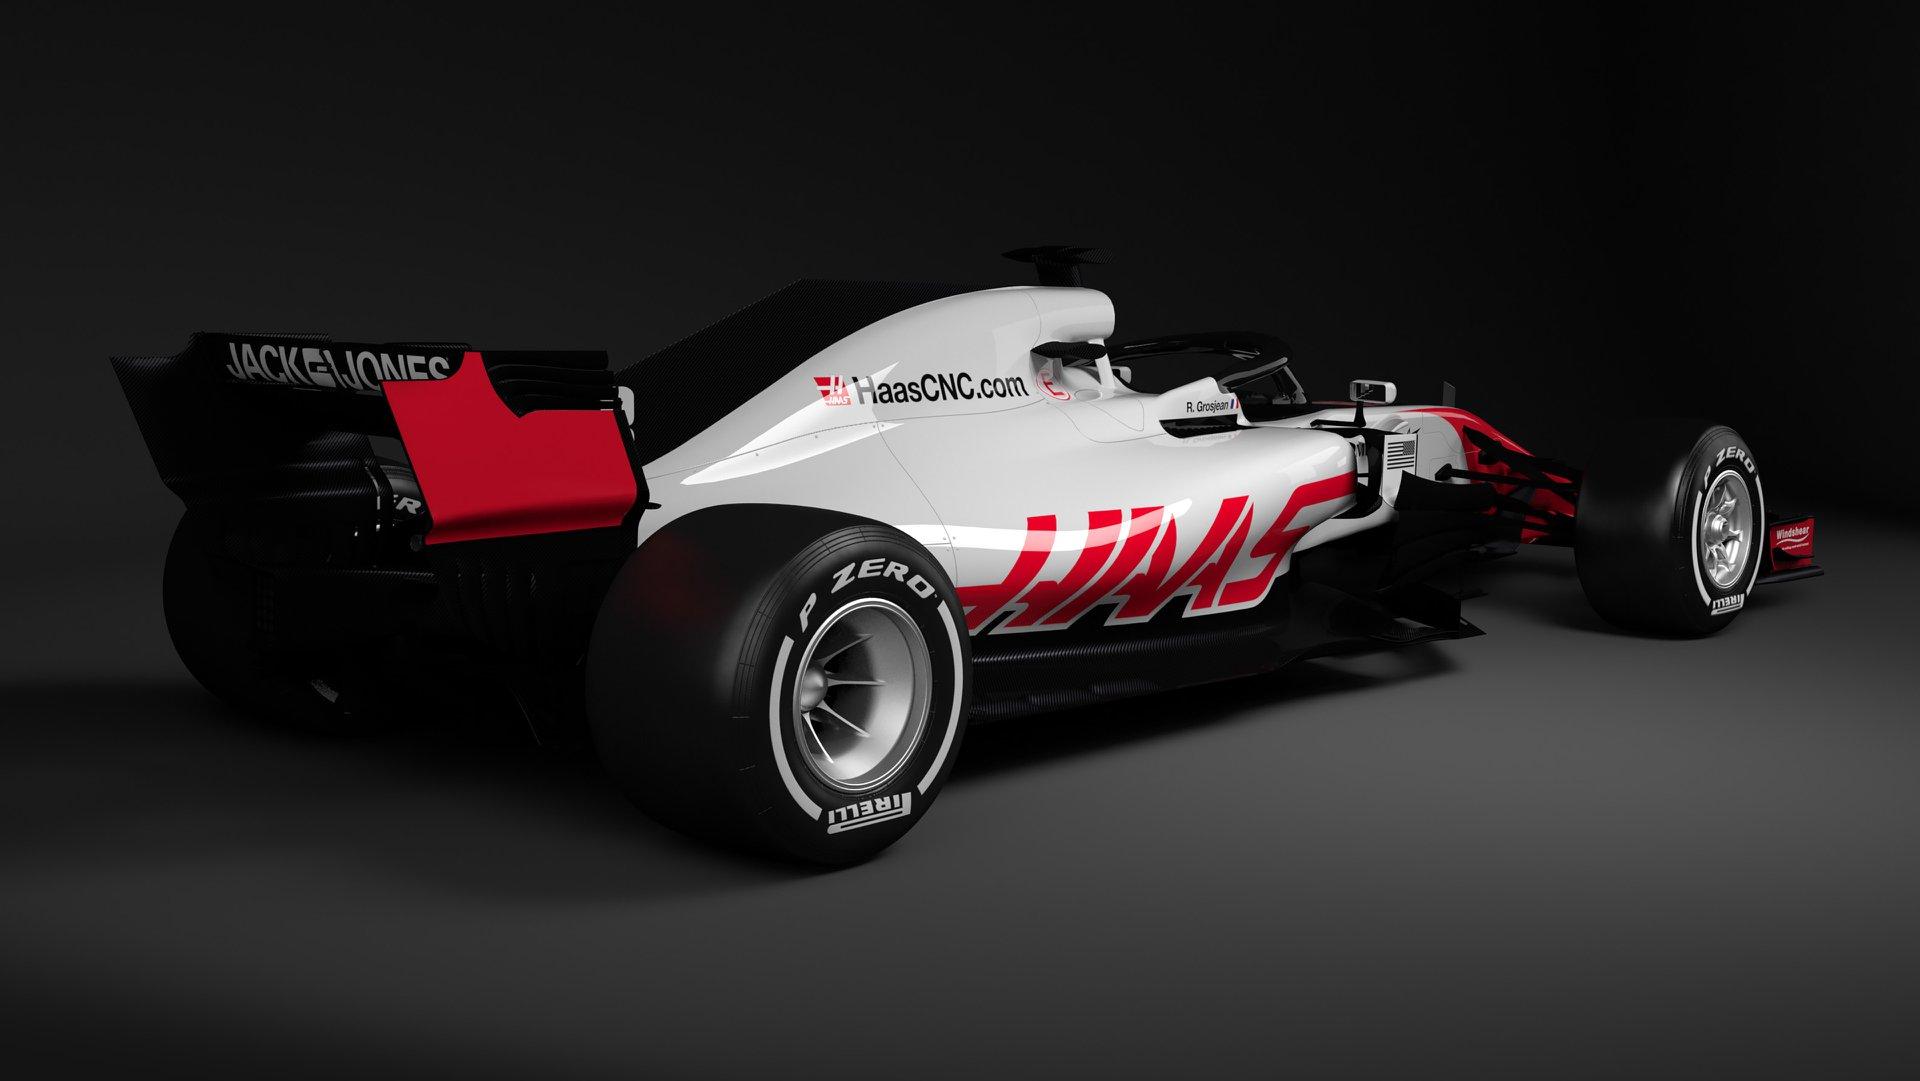 Haas Vf 18 De Eerste F1 Auto Van 2018 Topgear